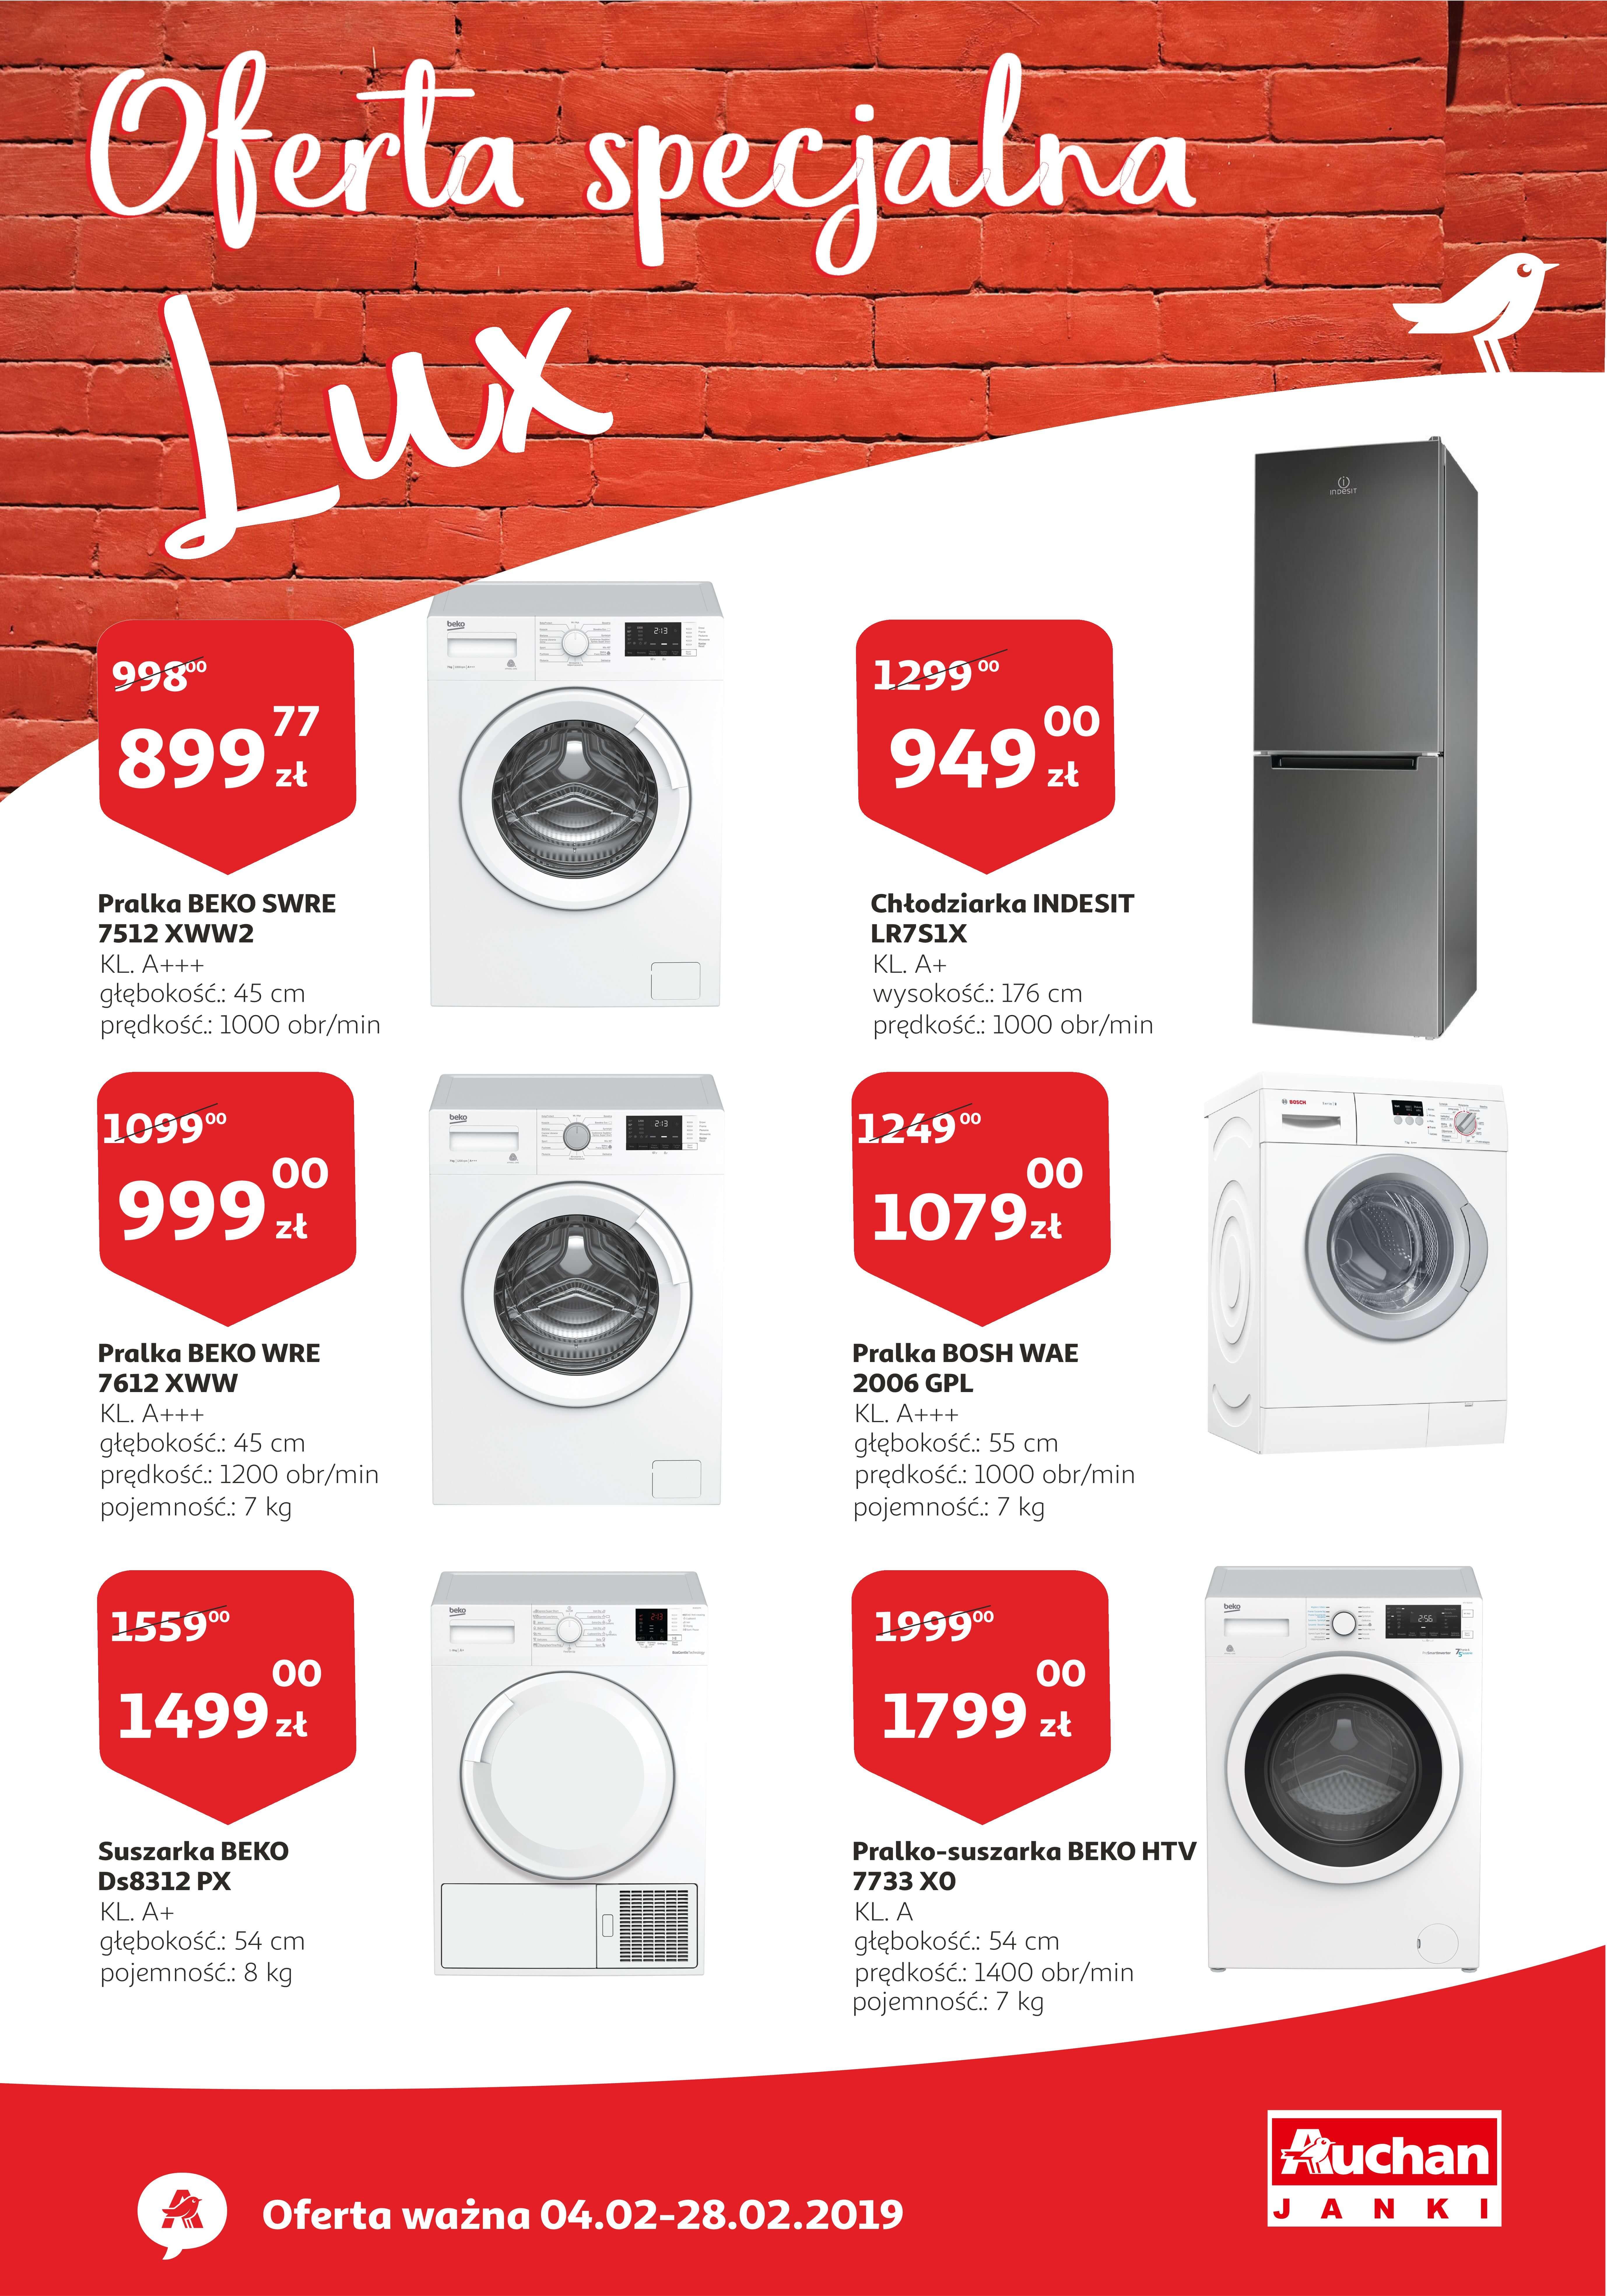 Gazetka Auchan - Oferta specjalna LUX-03.02.2019-28.02.2019-page-